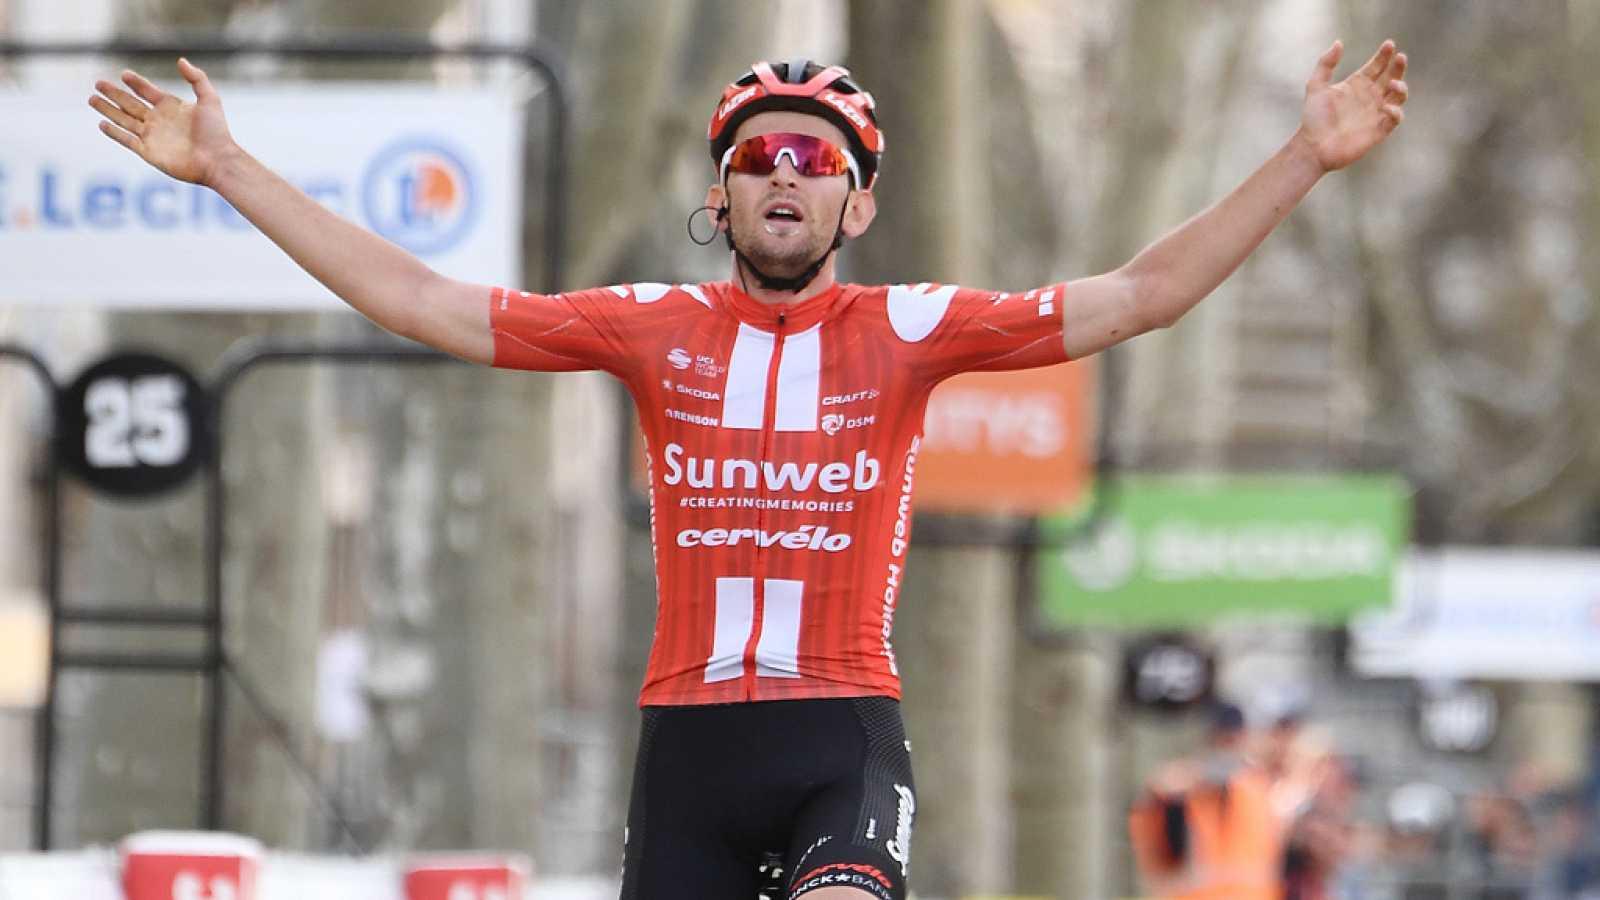 Tiesj Benoot culmina su aventura en solitario en la penúltima etapa de la París-Niza